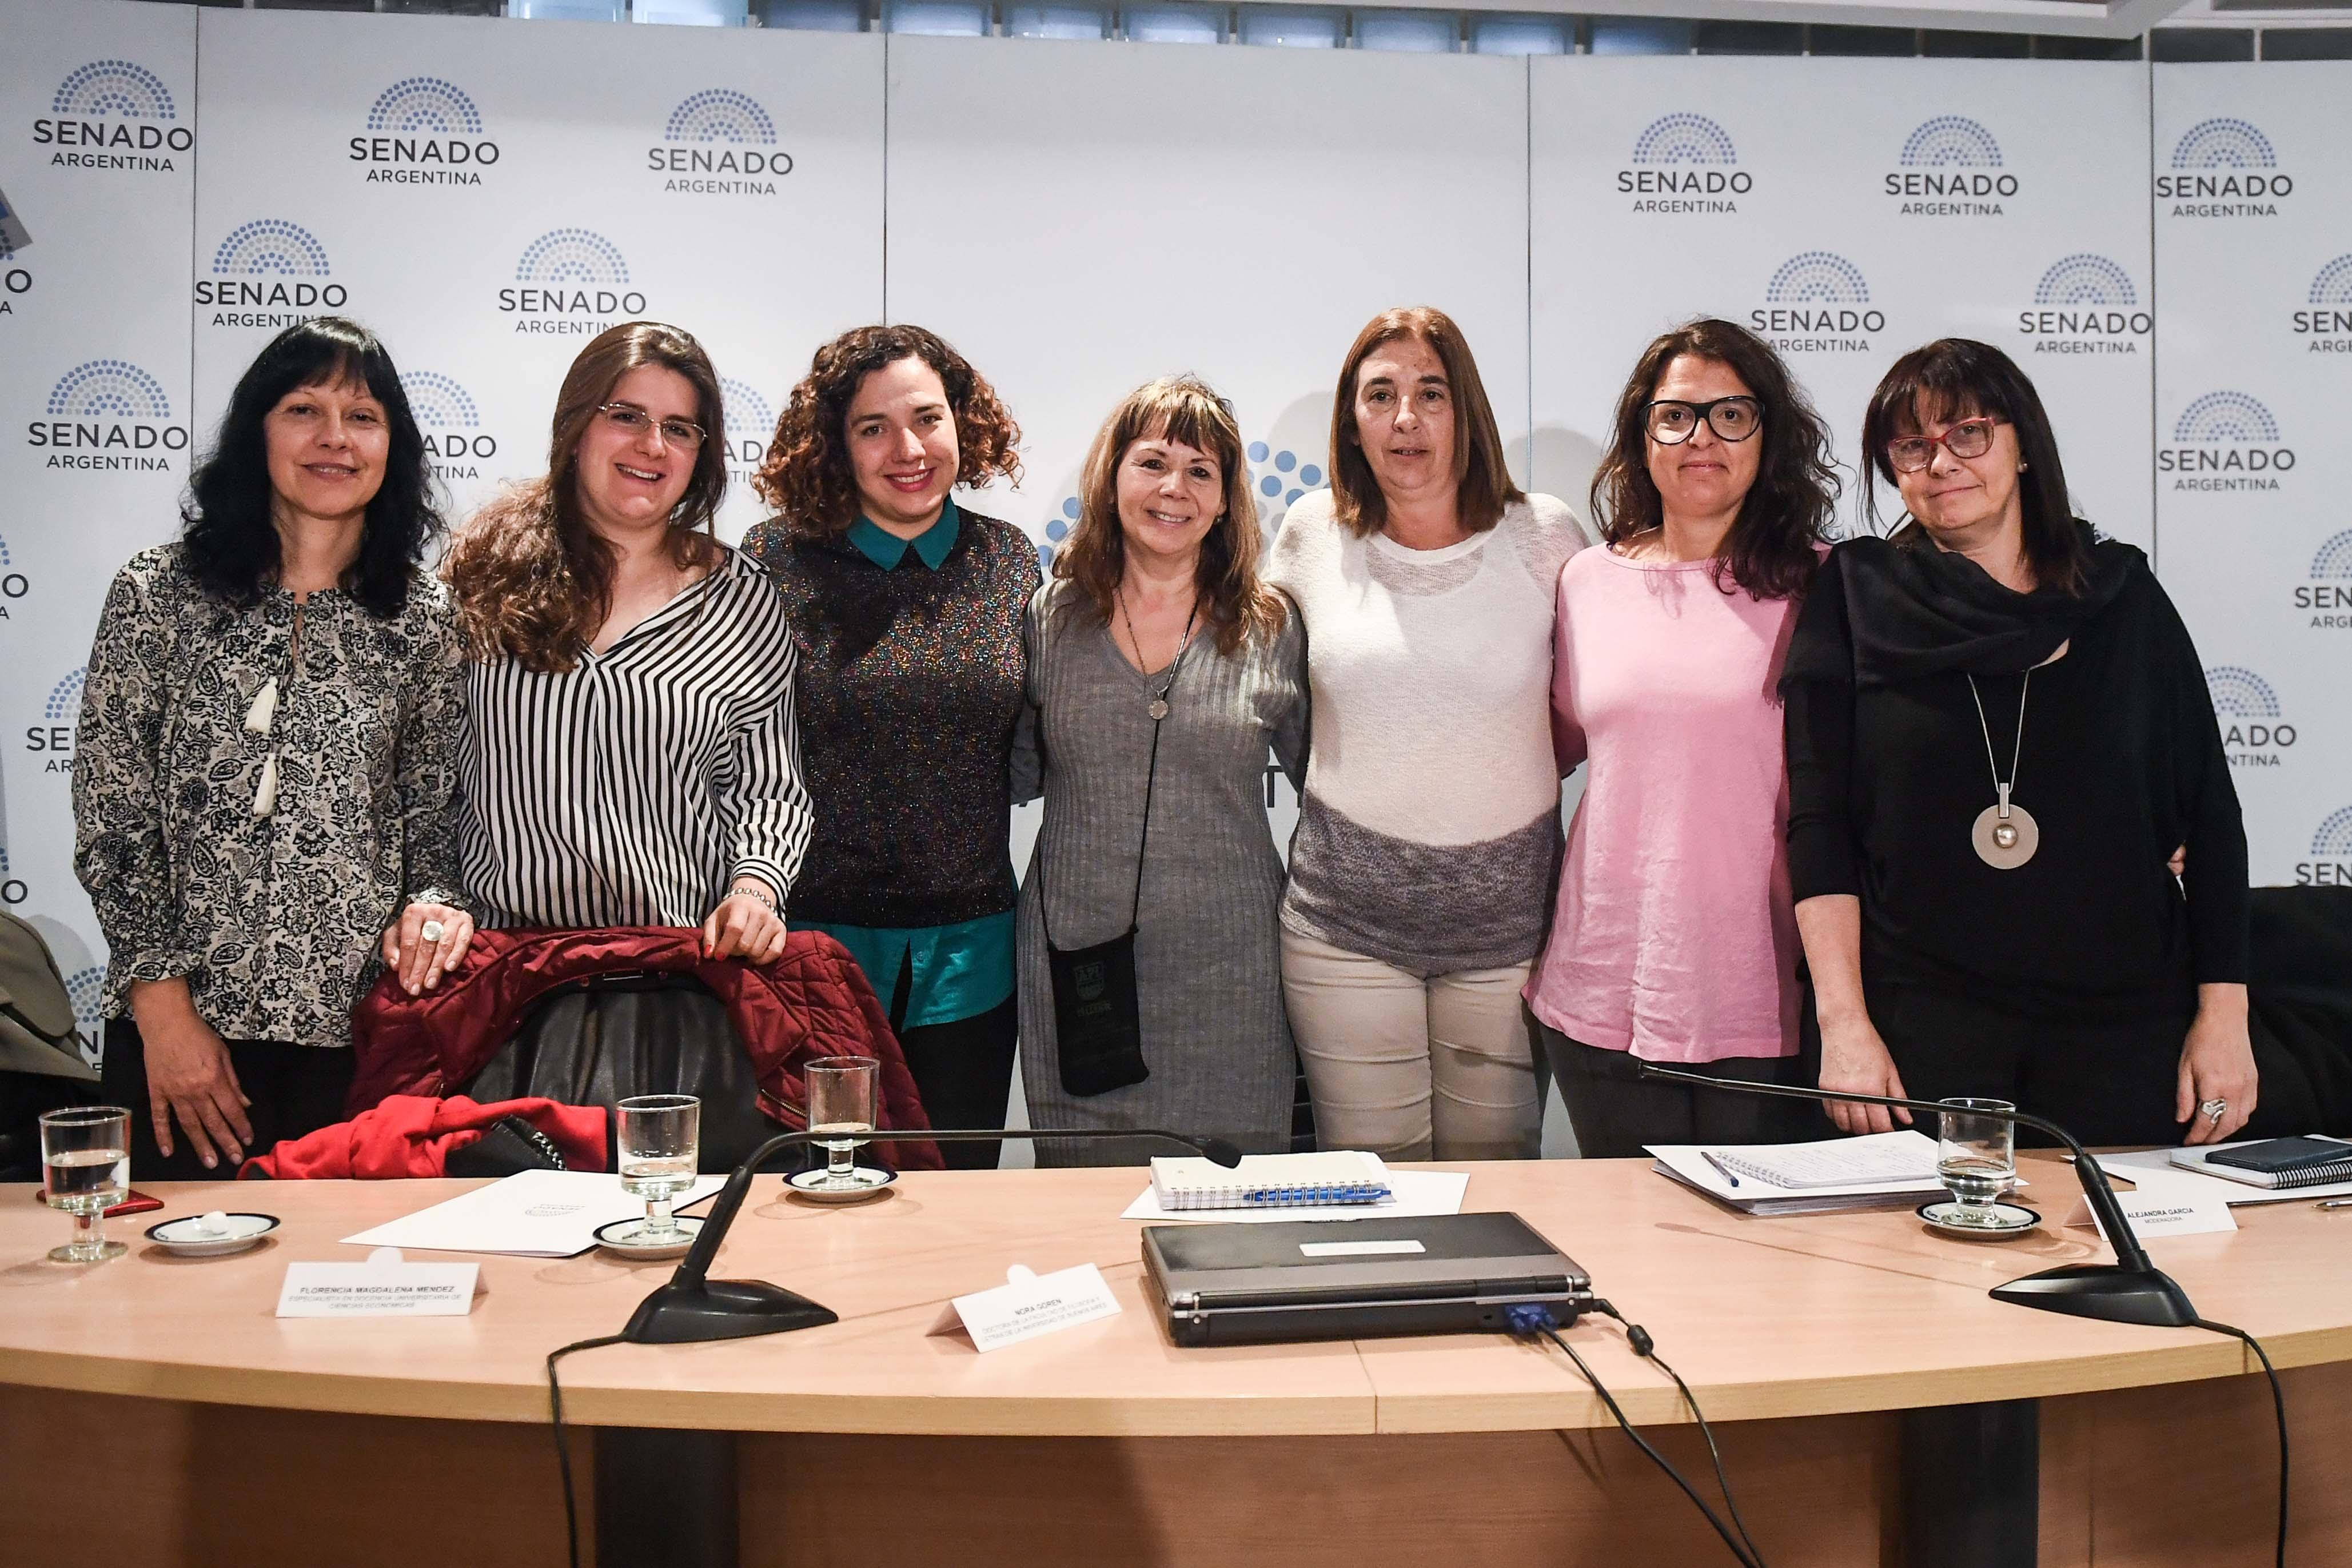 Gala Díaz Langou (CIPPEC) junto a seis mujeres de distintas entidades en el evento sobre igualdad de género en el Senado Nacional